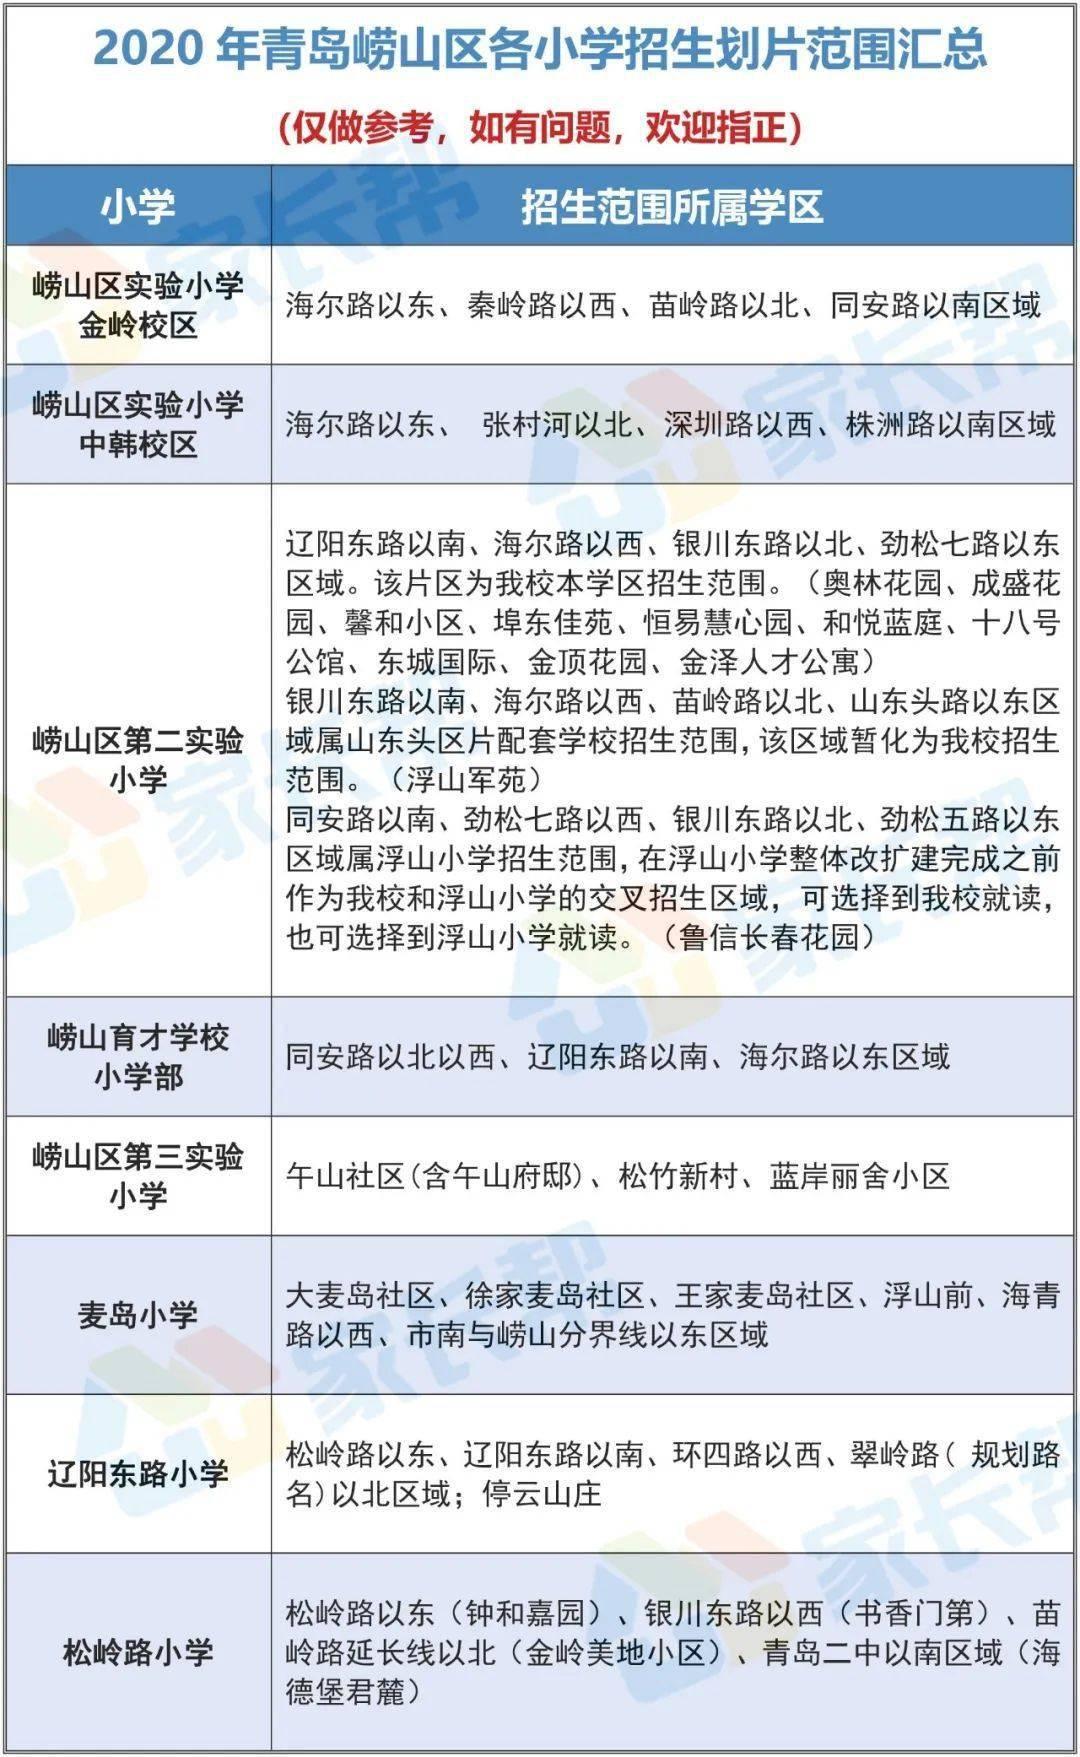 崂山育才人数居首!2020青岛崂山区中小学招生录取情况公示!附招生政策解读  第3张